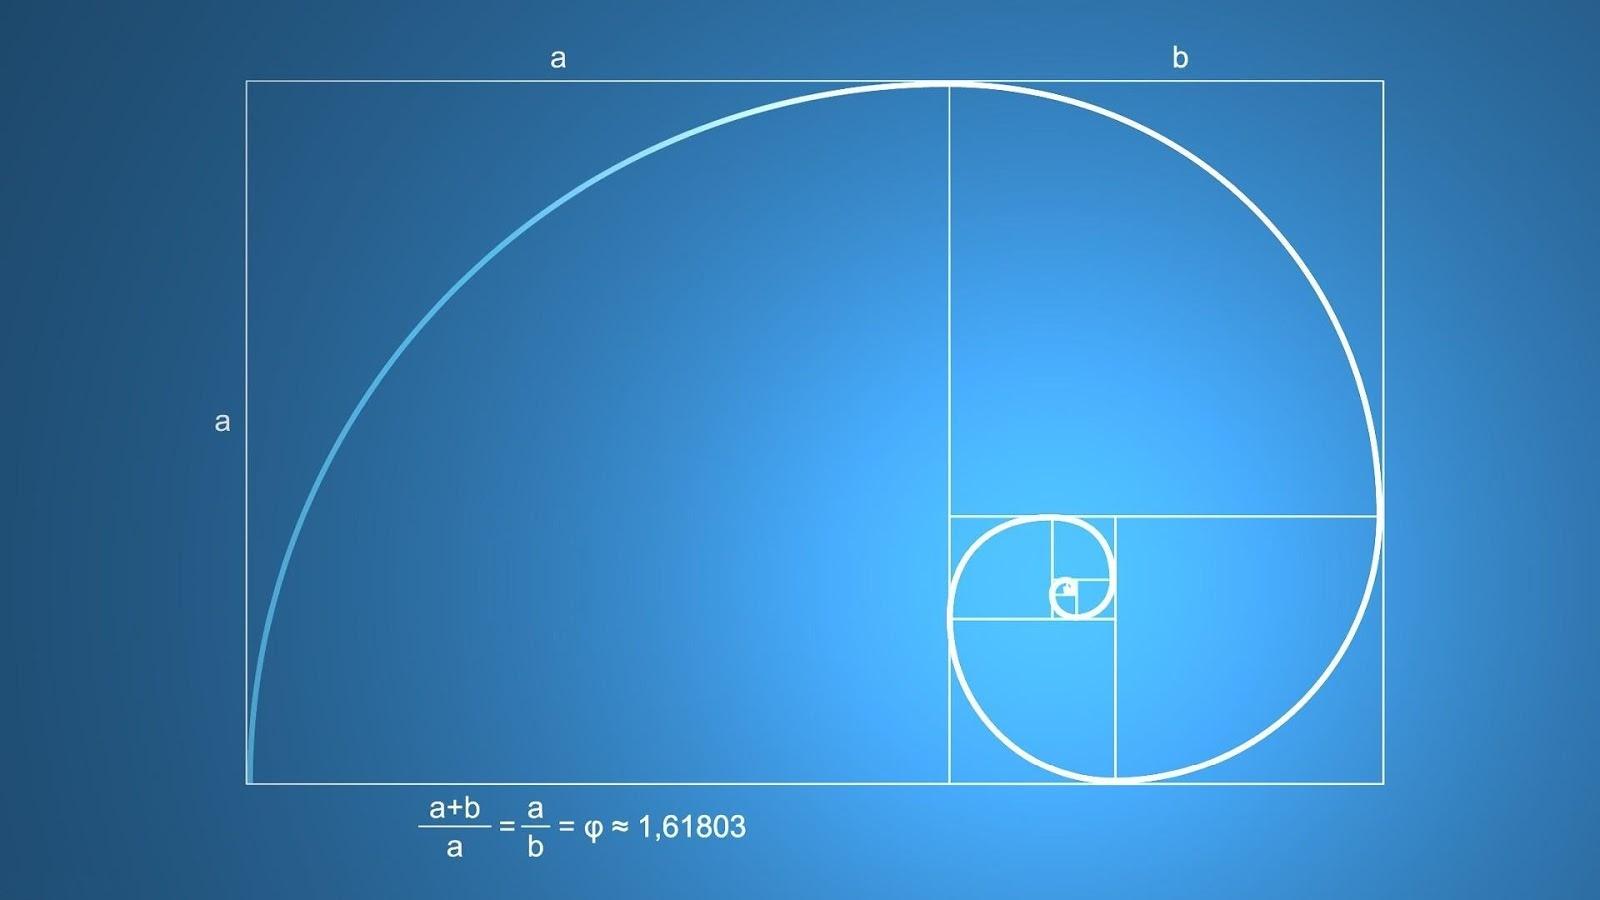 http://2.bp.blogspot.com/-GmHzdNeUcgE/UHg34LGEWJI/AAAAAAAAGq0/Vm7Asf4AKfo/s1600/Math_Wallpaper_2.jpg